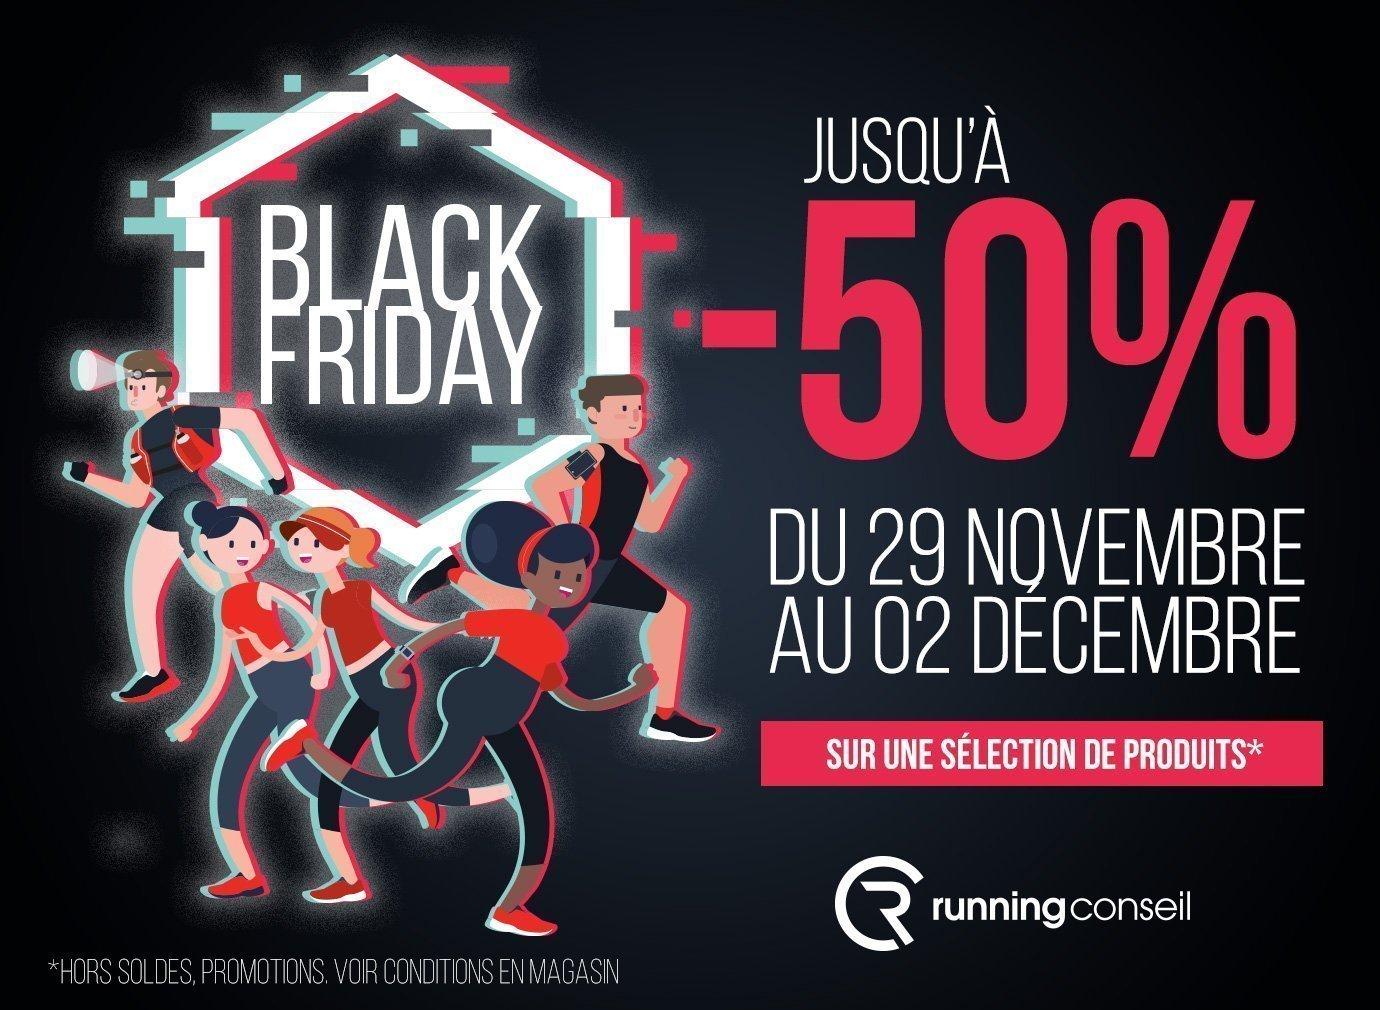 Black Friday Running Conseil